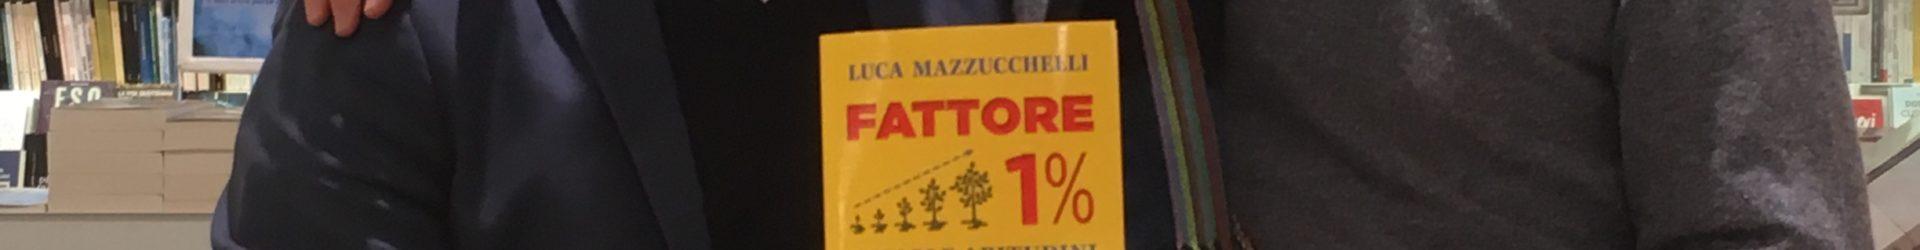 """""""Fattore 1% Piccole abitudini per grandi risultati"""". Di Luca Mazzucchelli. Recensione"""